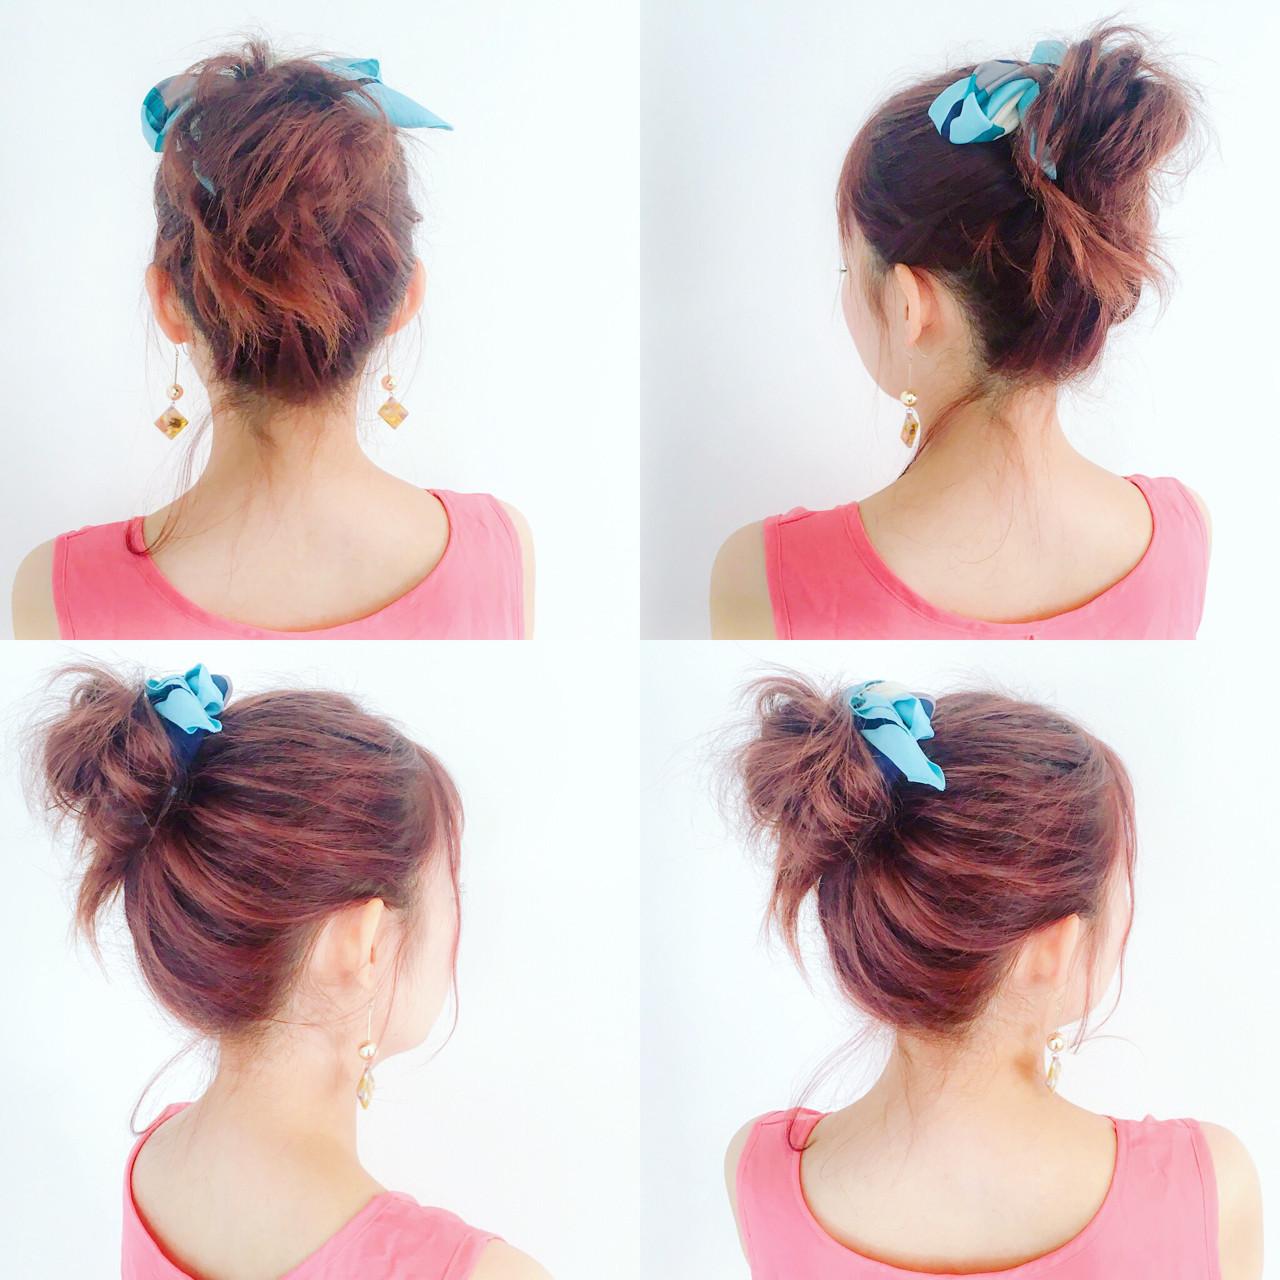 ヘアアクセ ヘアアレンジ ルーズ お団子 ヘアスタイルや髪型の写真・画像